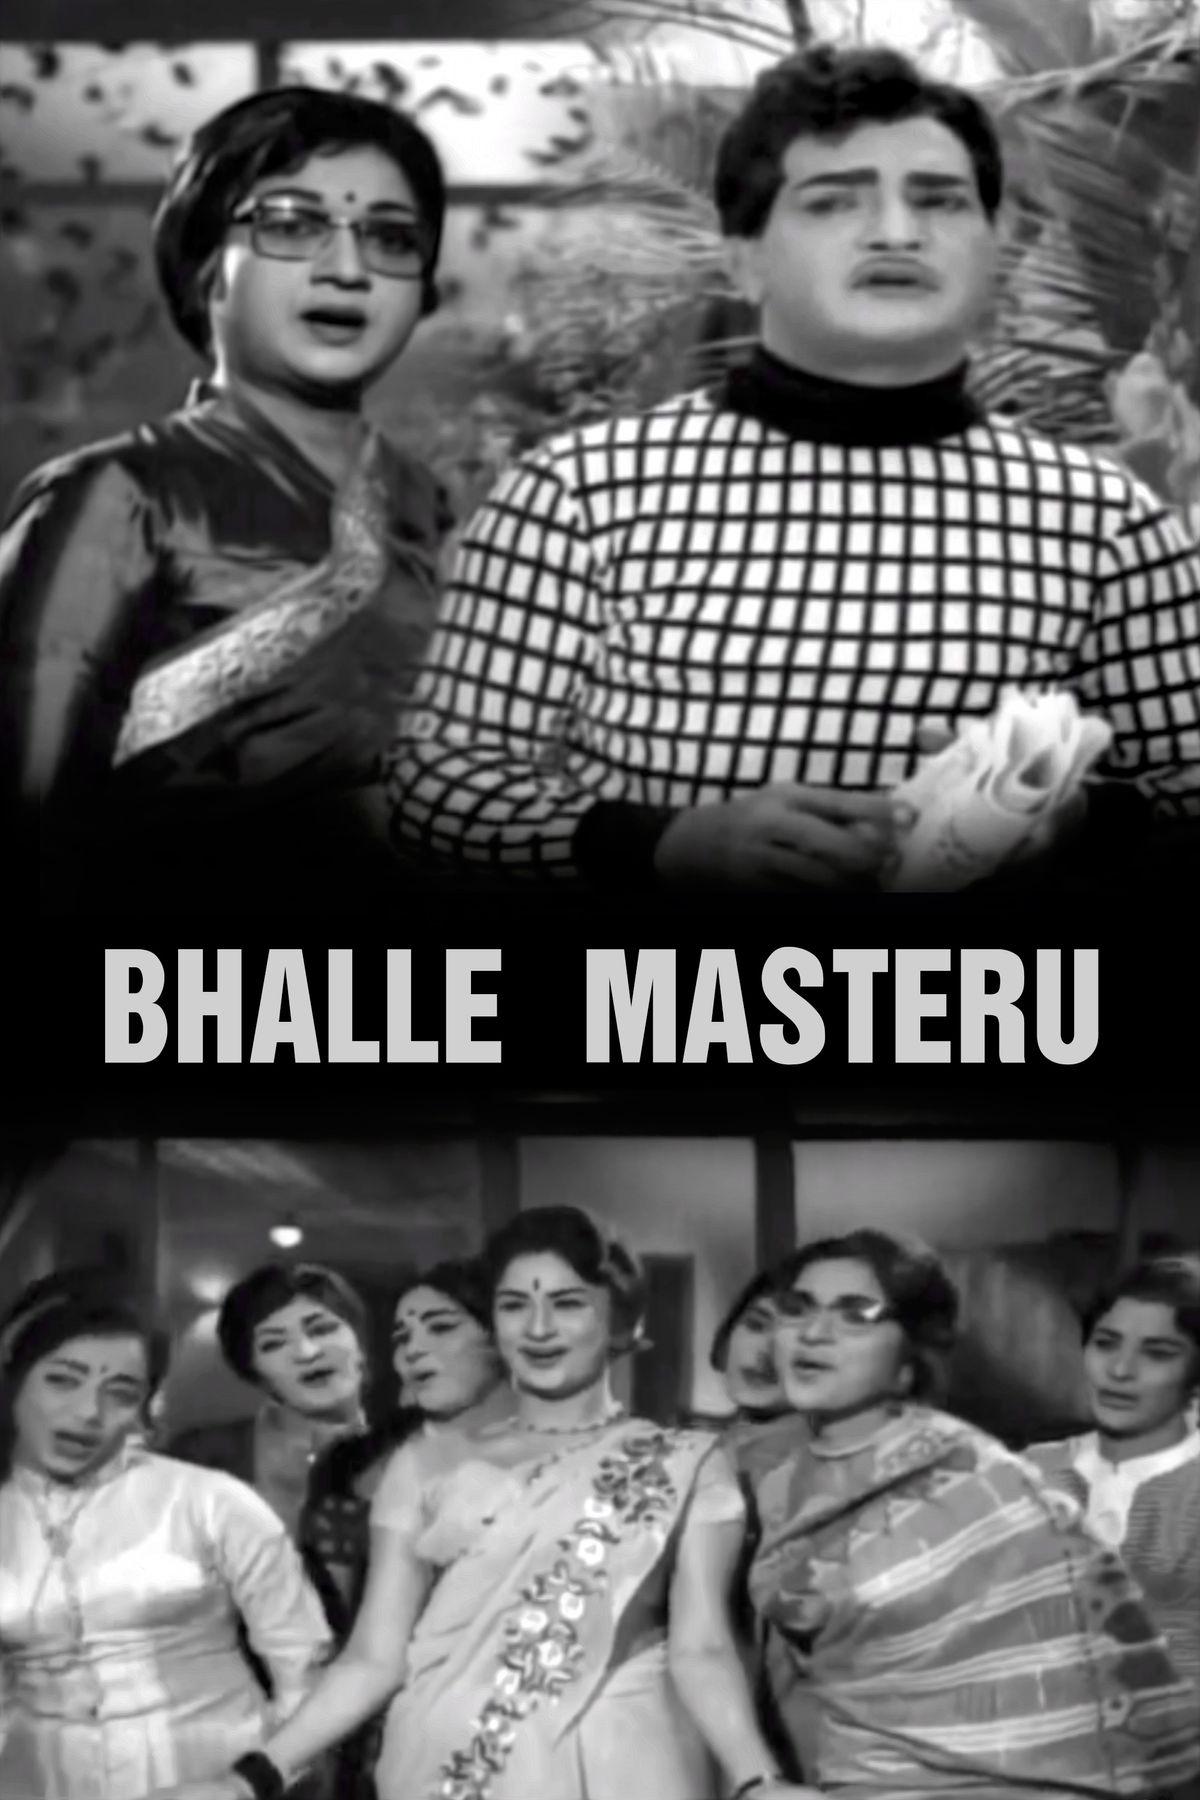 Bhalle Masteru